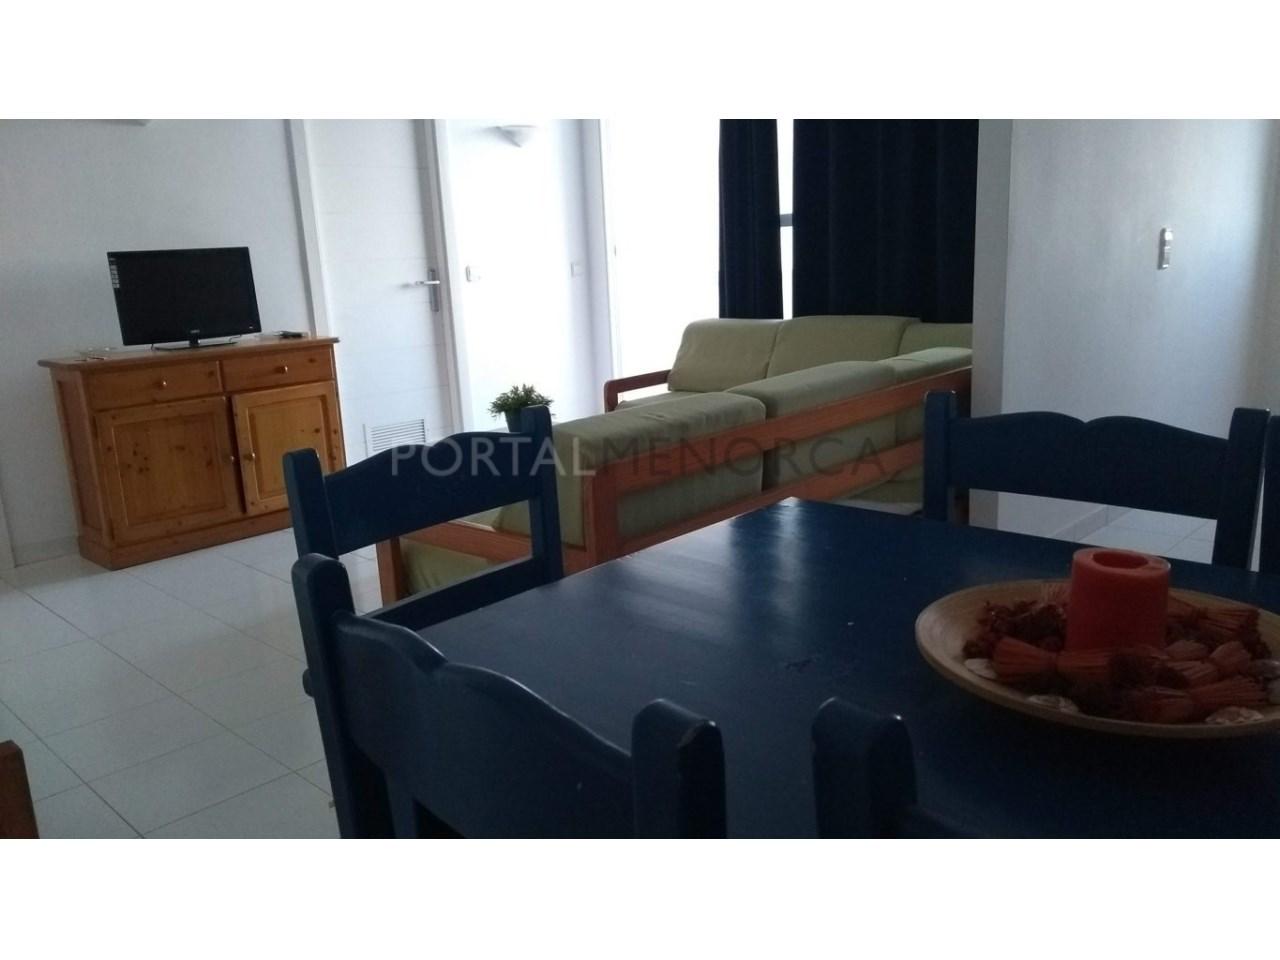 apartamento en venta en Son Xoriguer con piscina comunitaria -cocina comedor